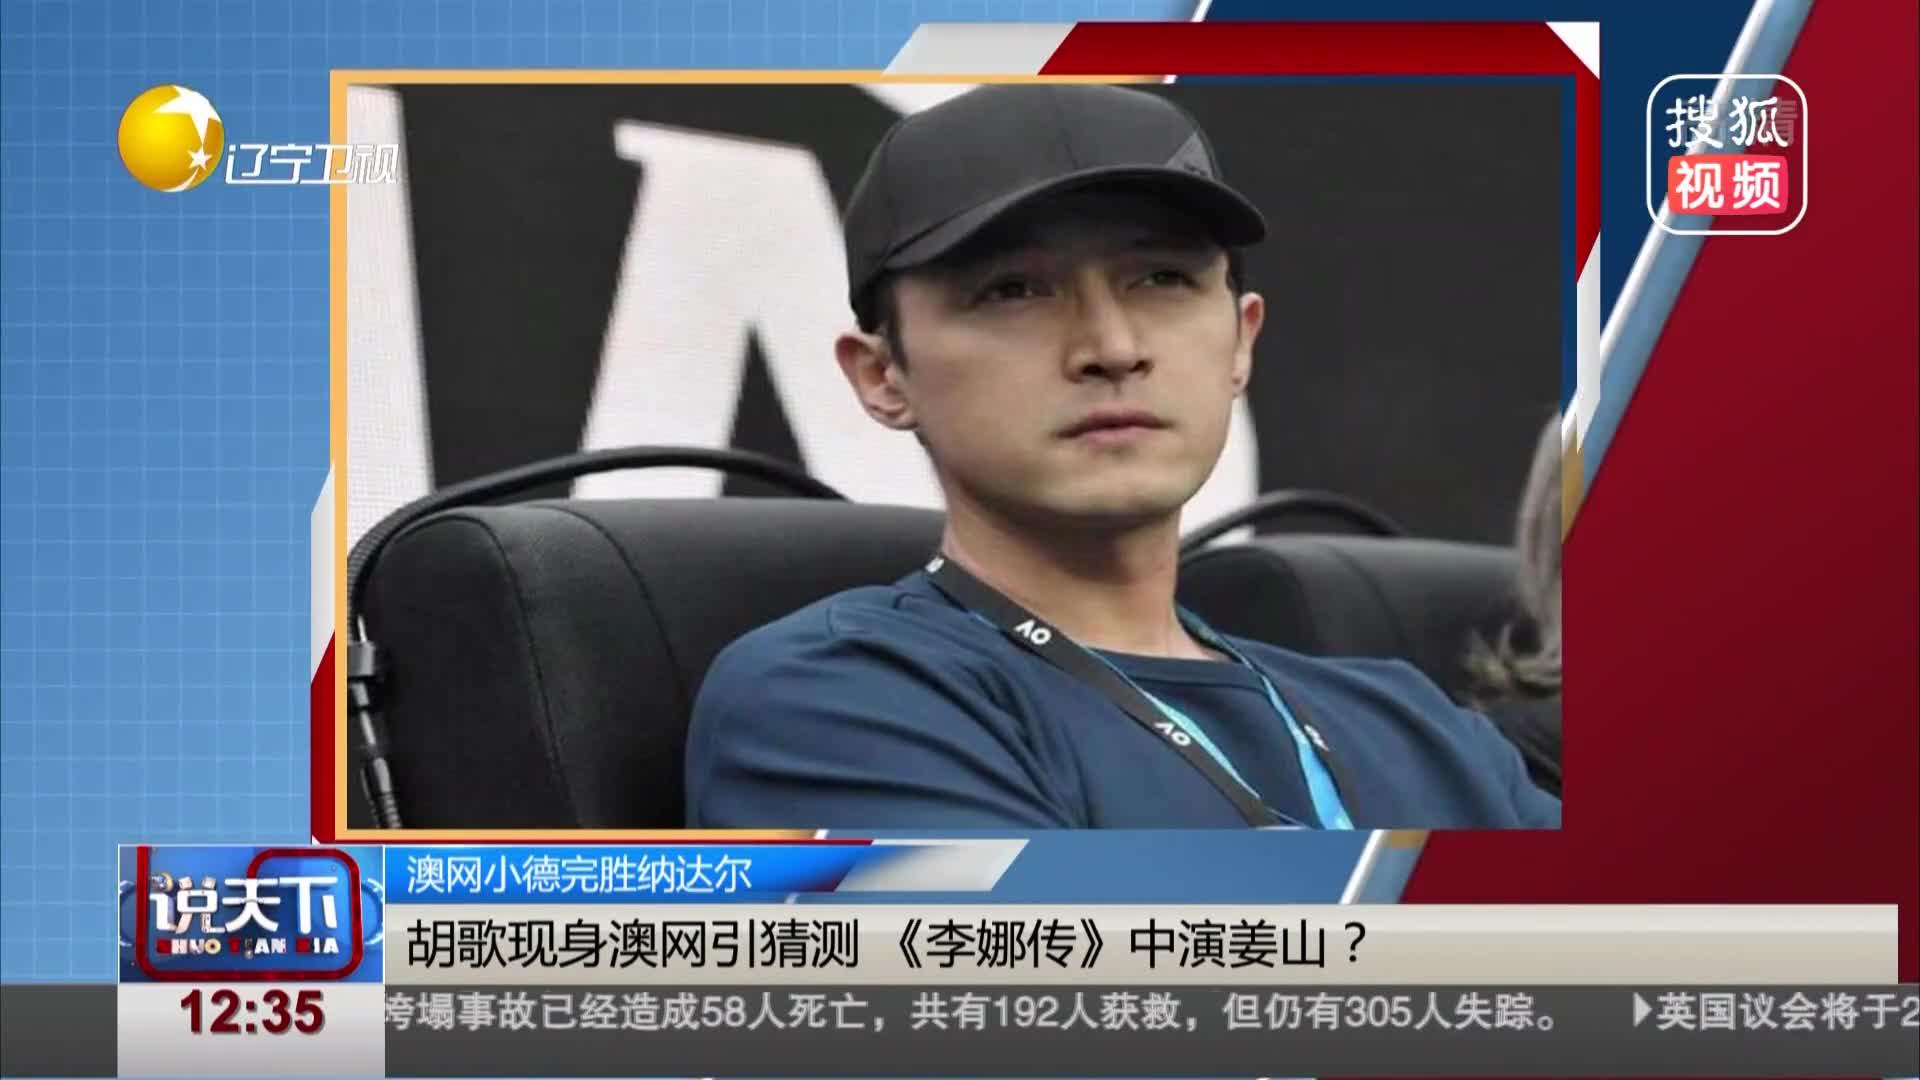 [视频]胡歌现身澳网引猜测 《李娜传》中演姜山?